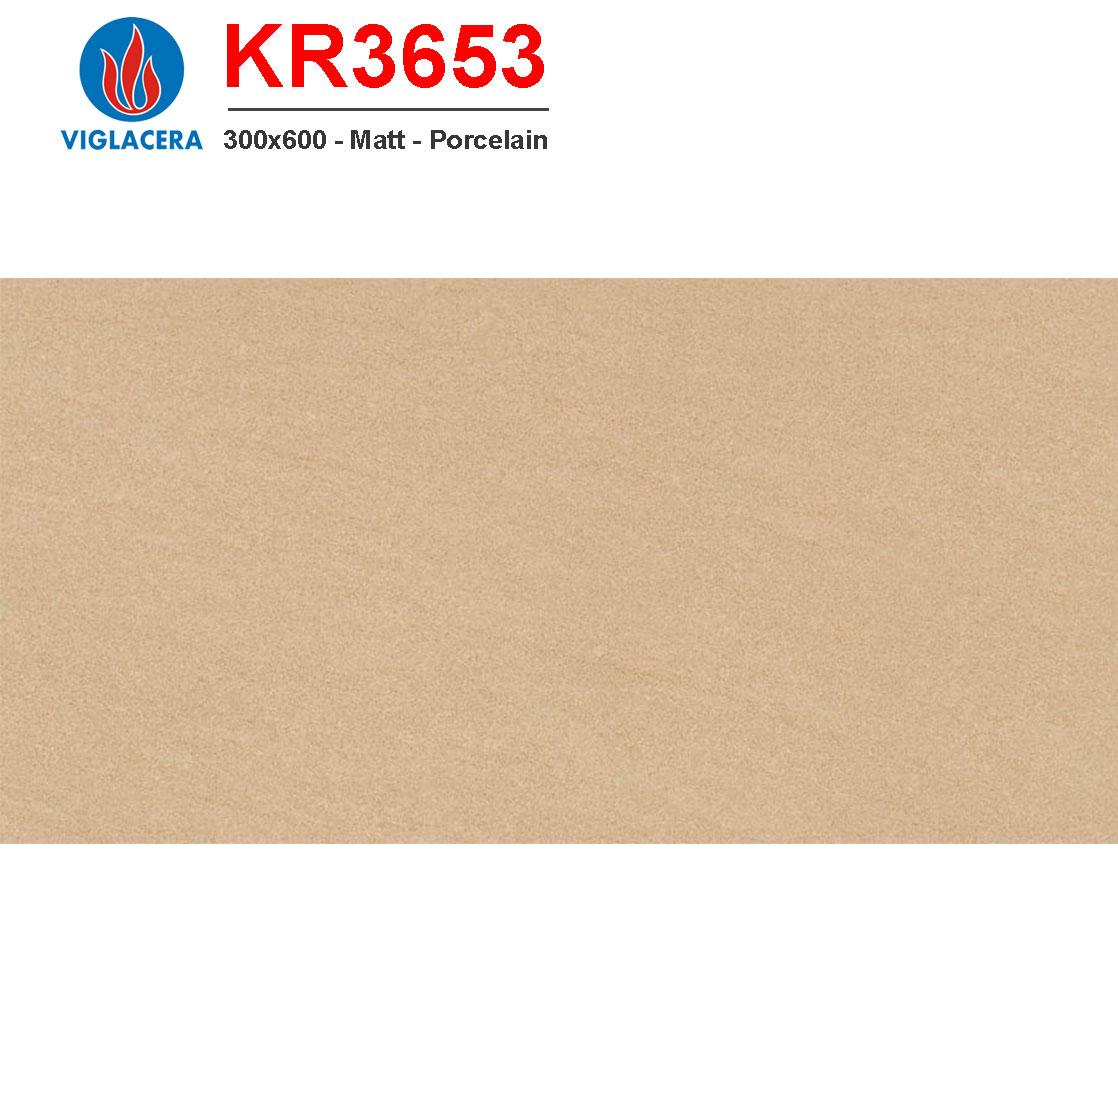 Gạch ốp lát Viglacera 300x600 KR3653 giá tốt